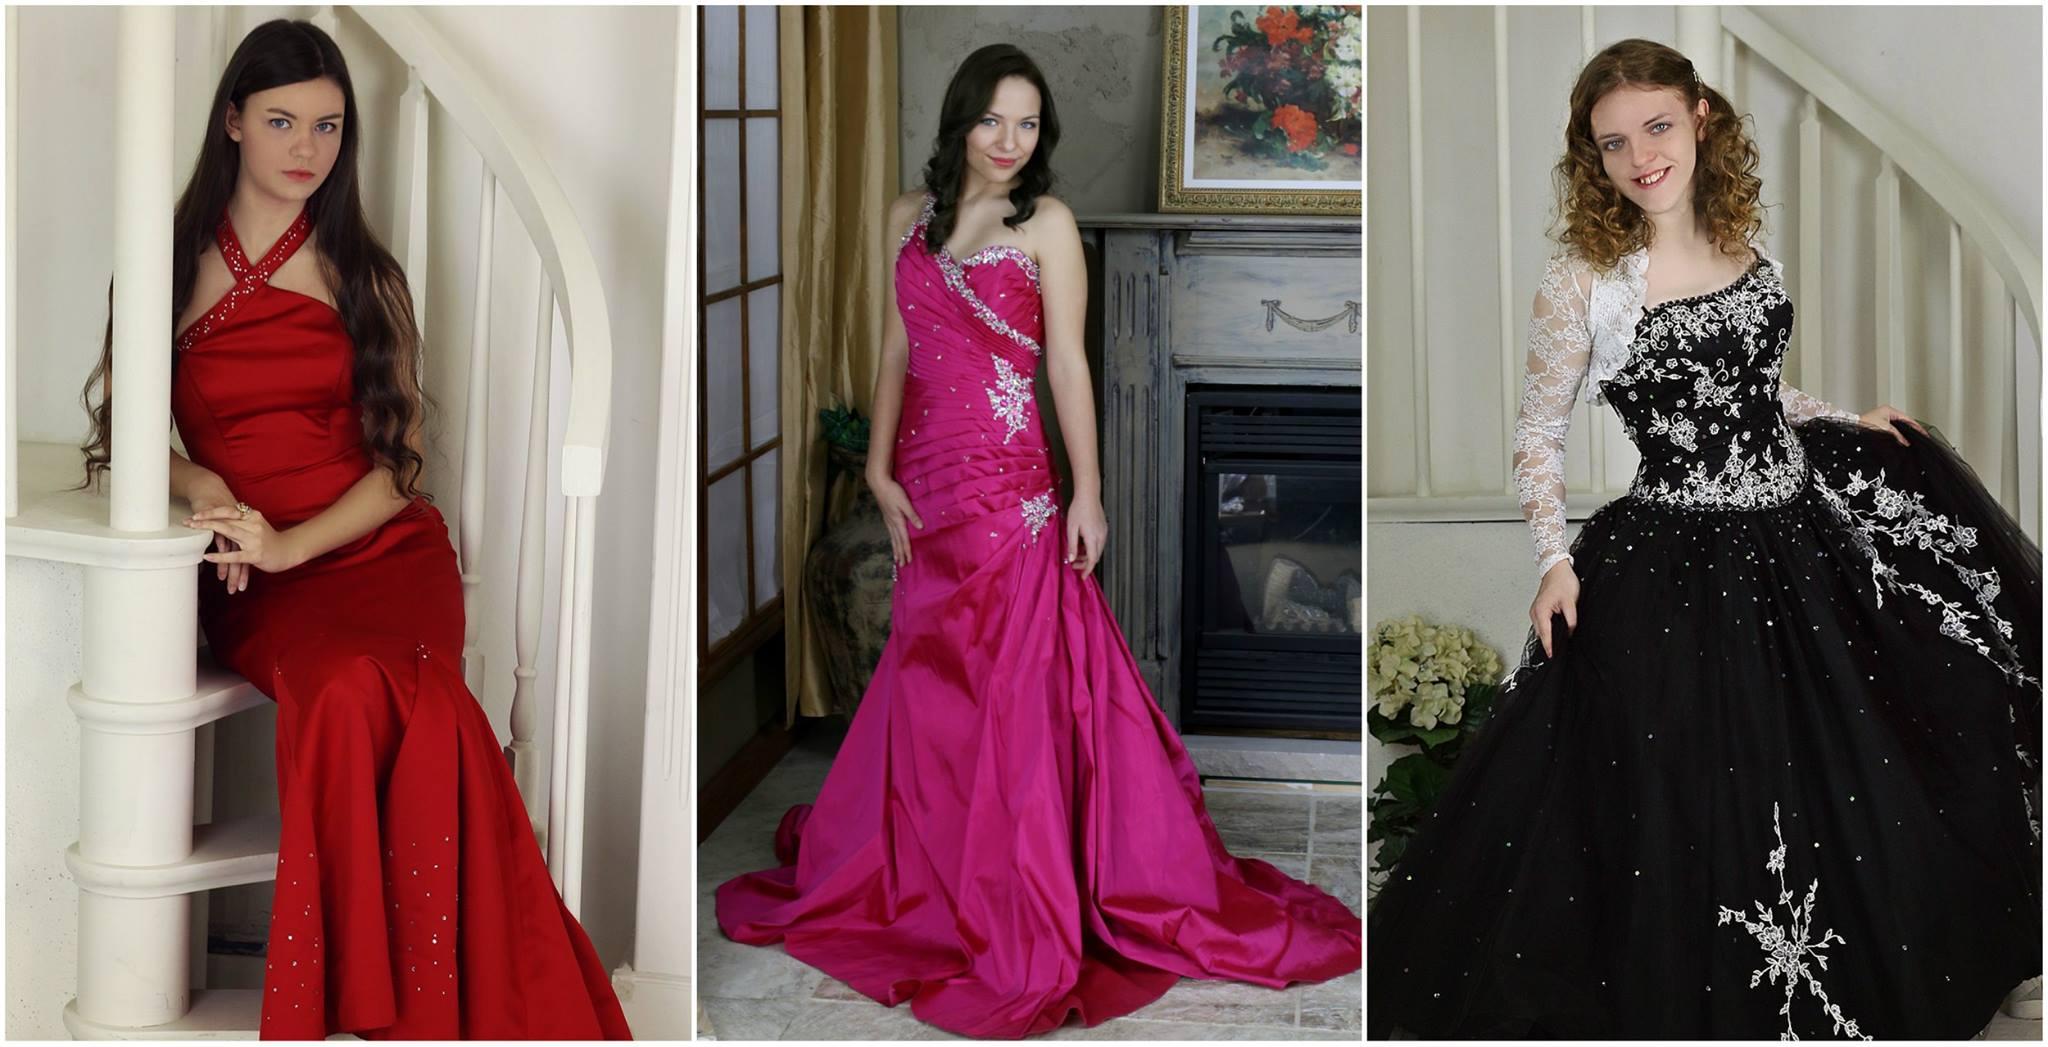 Tre Principesse members - Tatiana, Agne G, Anastasia Lee, Marie.